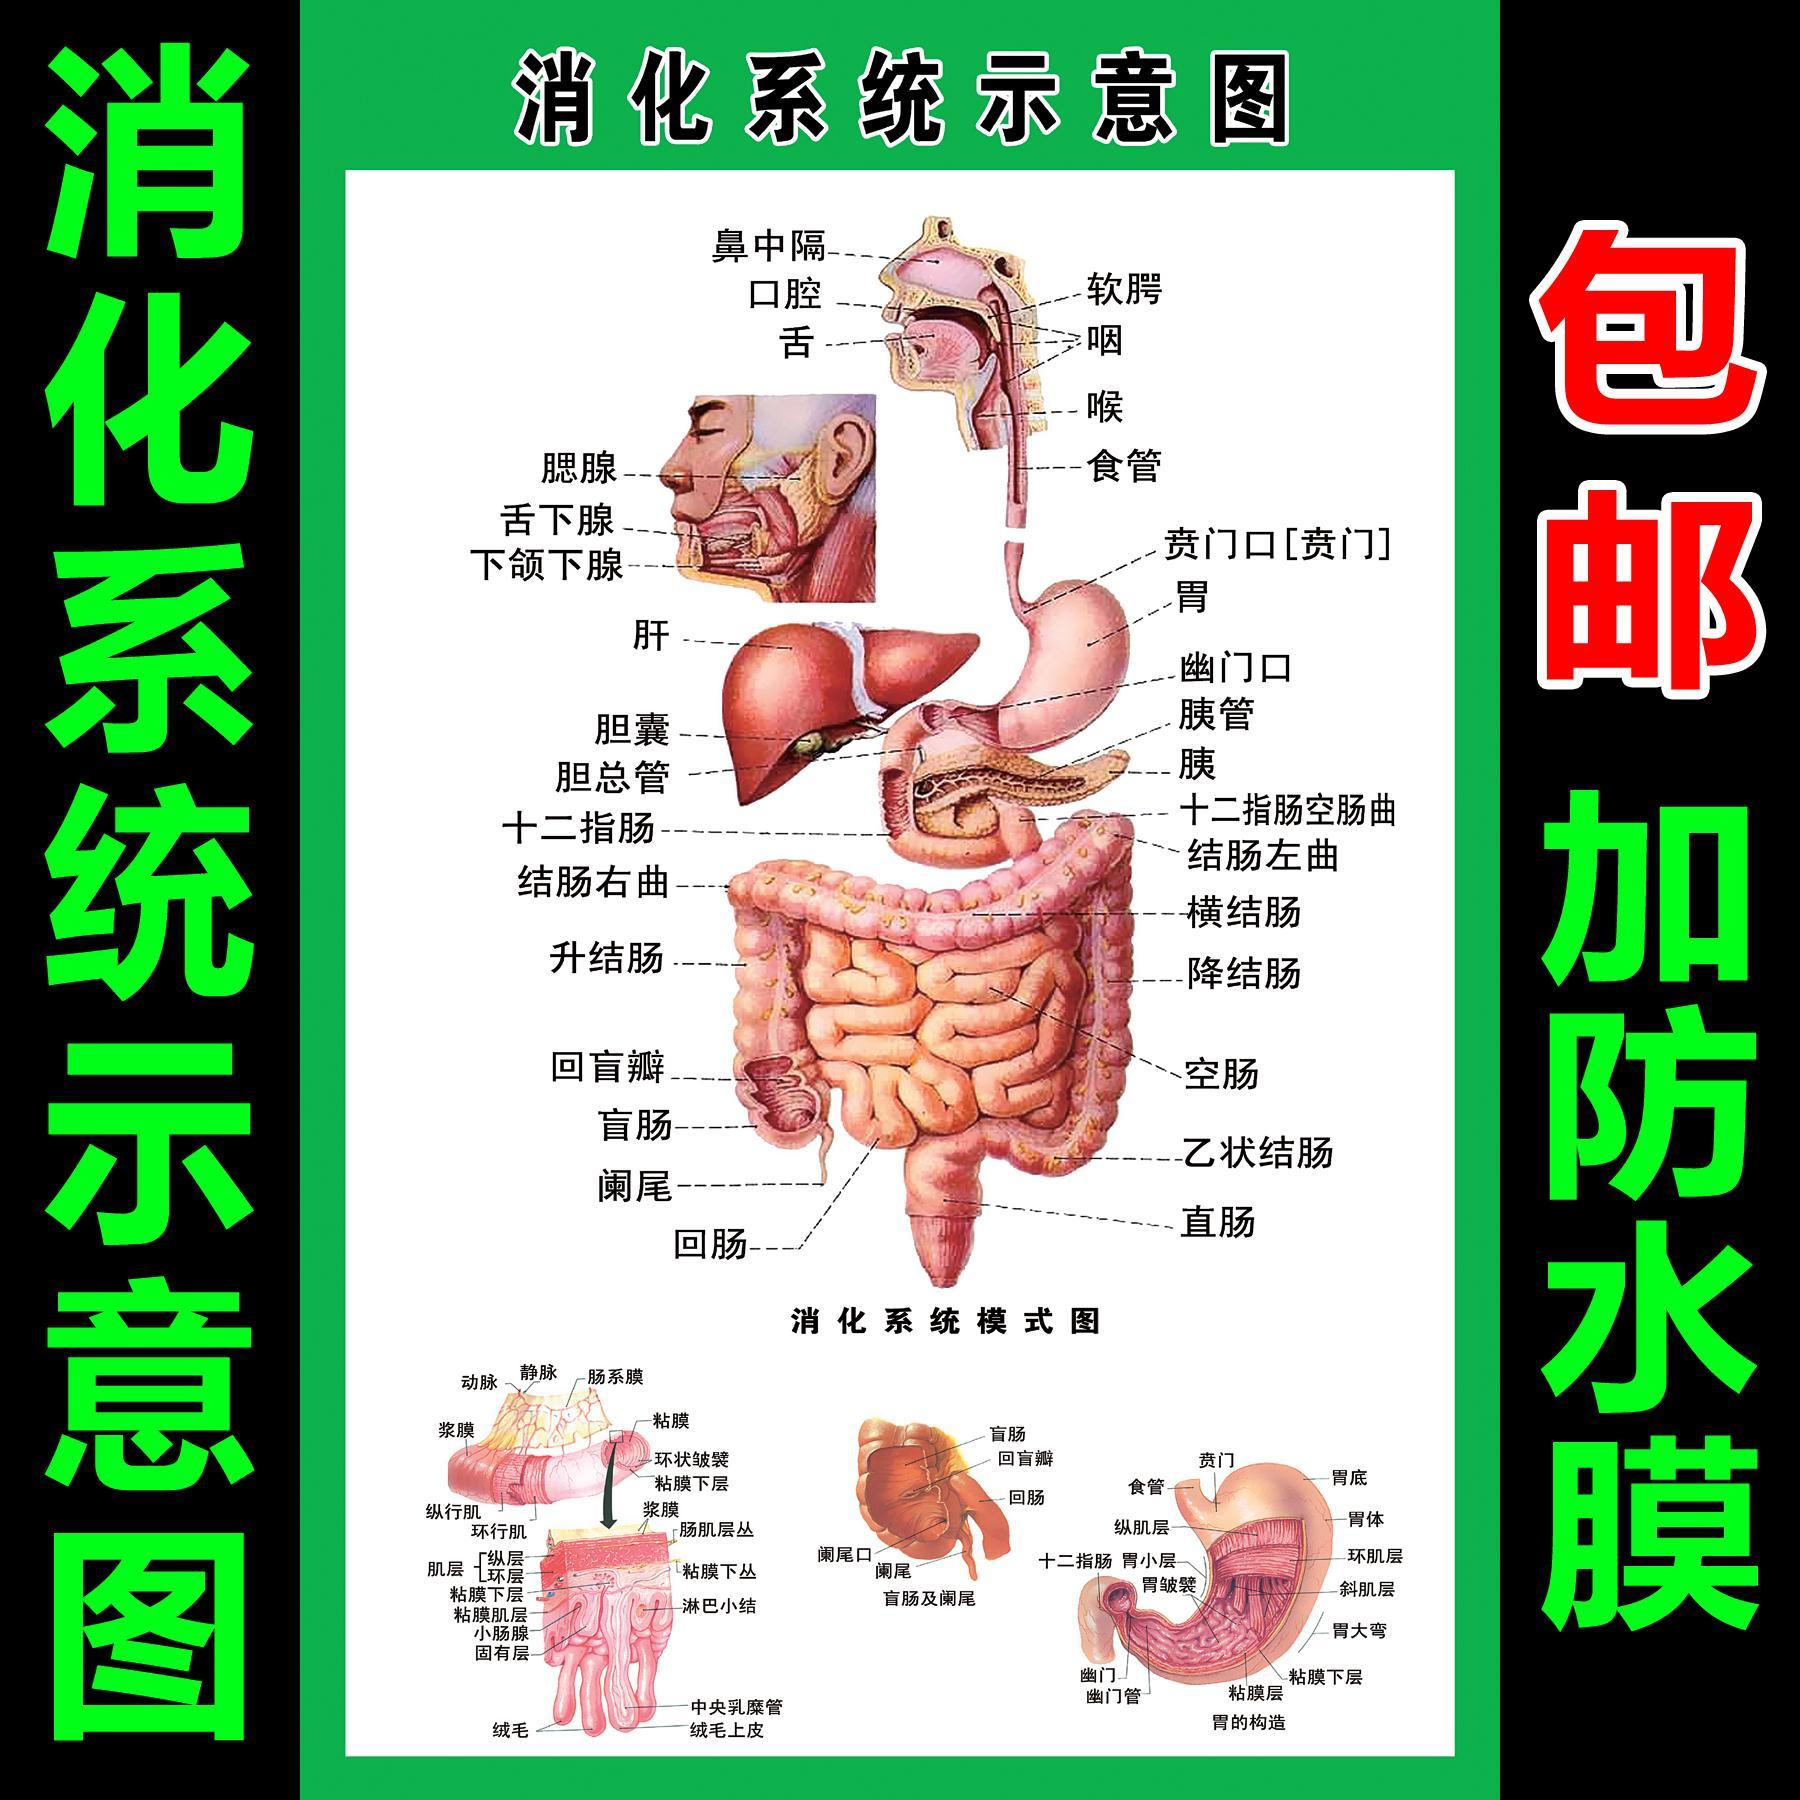 人体构成结构示意图_热卖消化肠道系统结构示意图医学宣传挂图人体器官医院布置海报图片